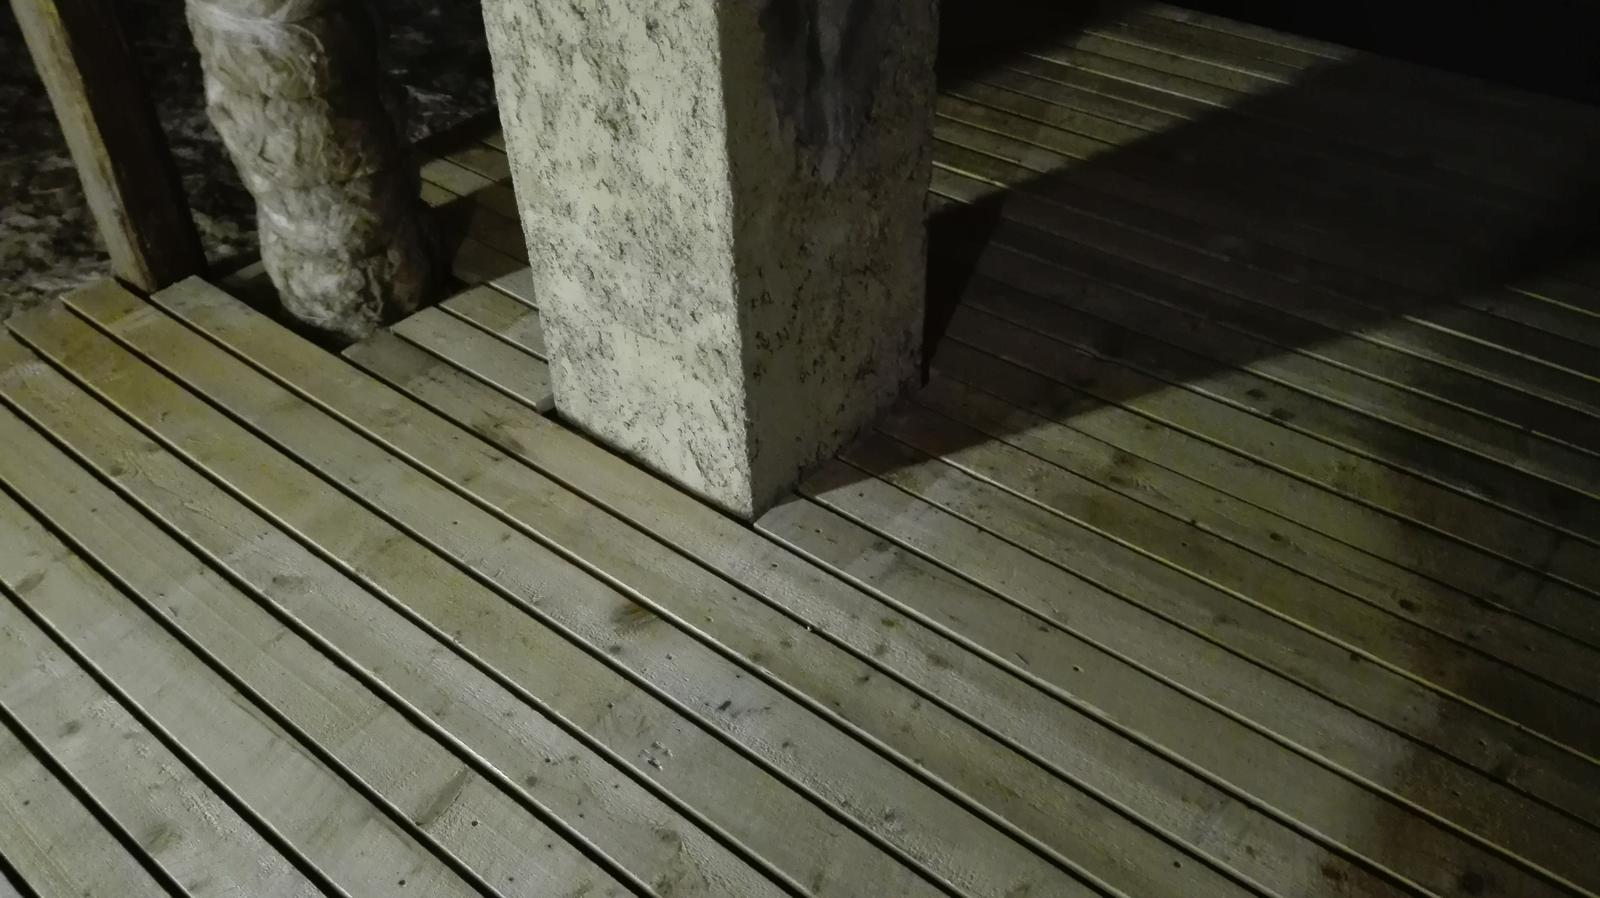 Zlepsenie tepelnoizolacnych vlastností tramoveho stropu - Obrázok č. 40